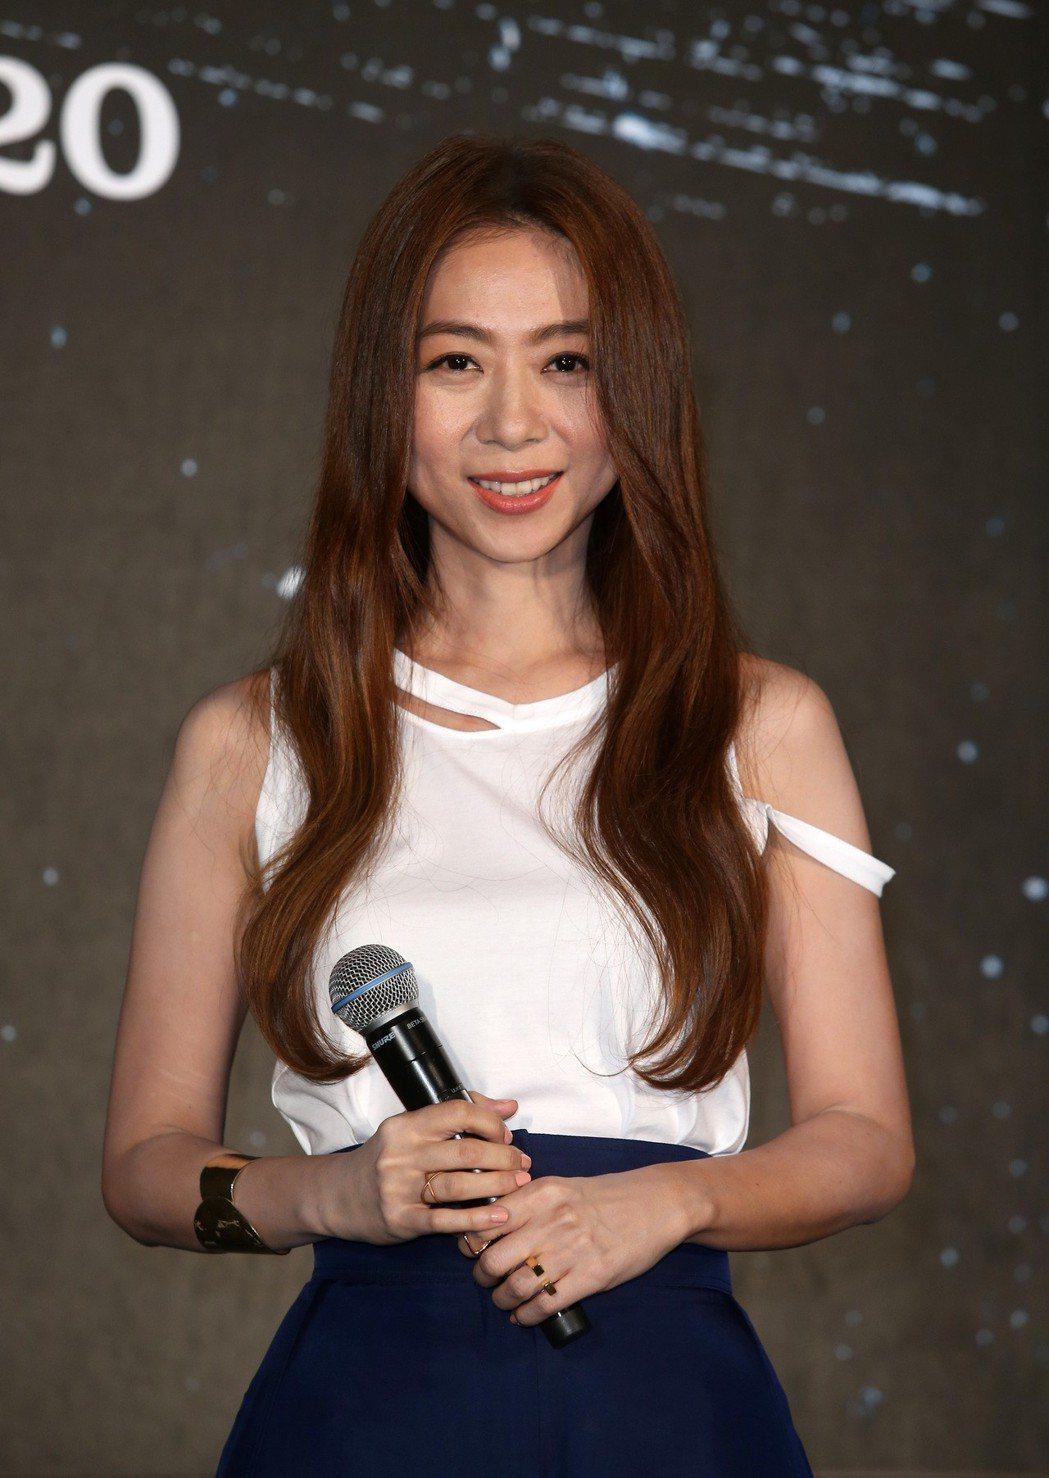 陳綺貞20週年演唱會『漫漫長夜』cheer20記者會。記者曾吉松/攝影